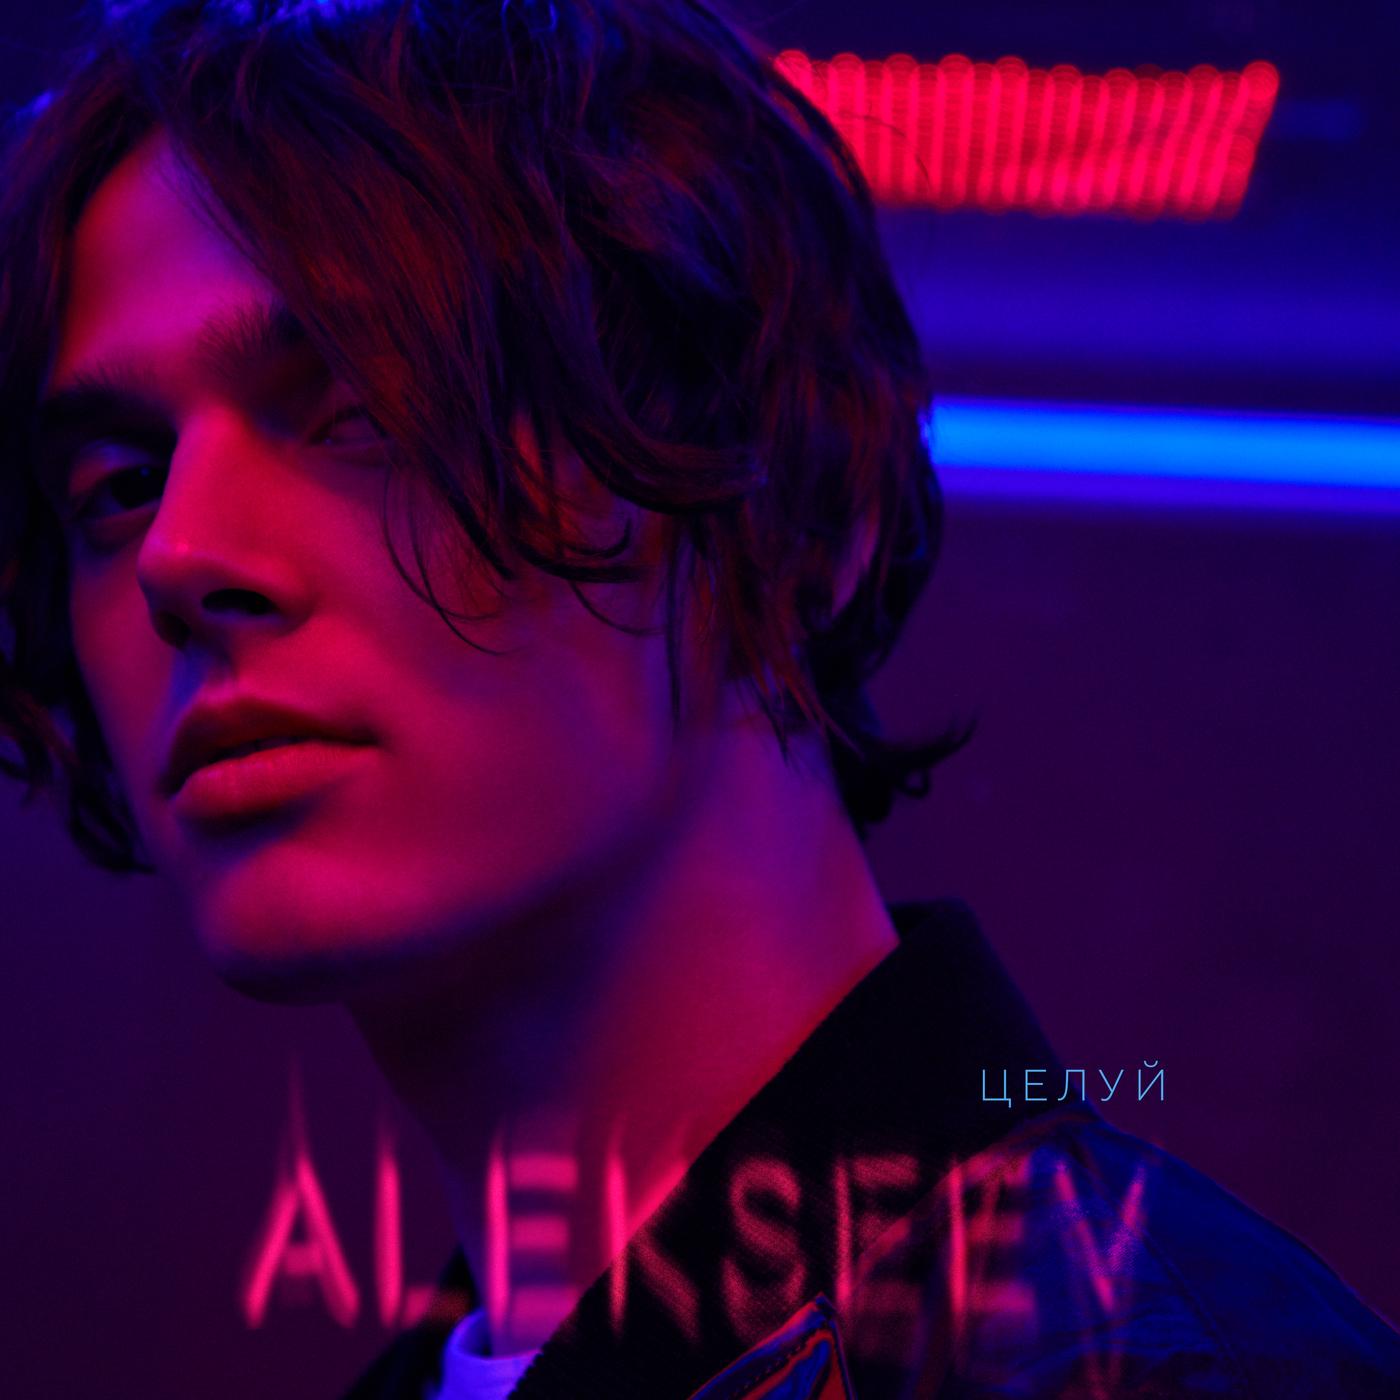 Tseluy - ALEKSEEV